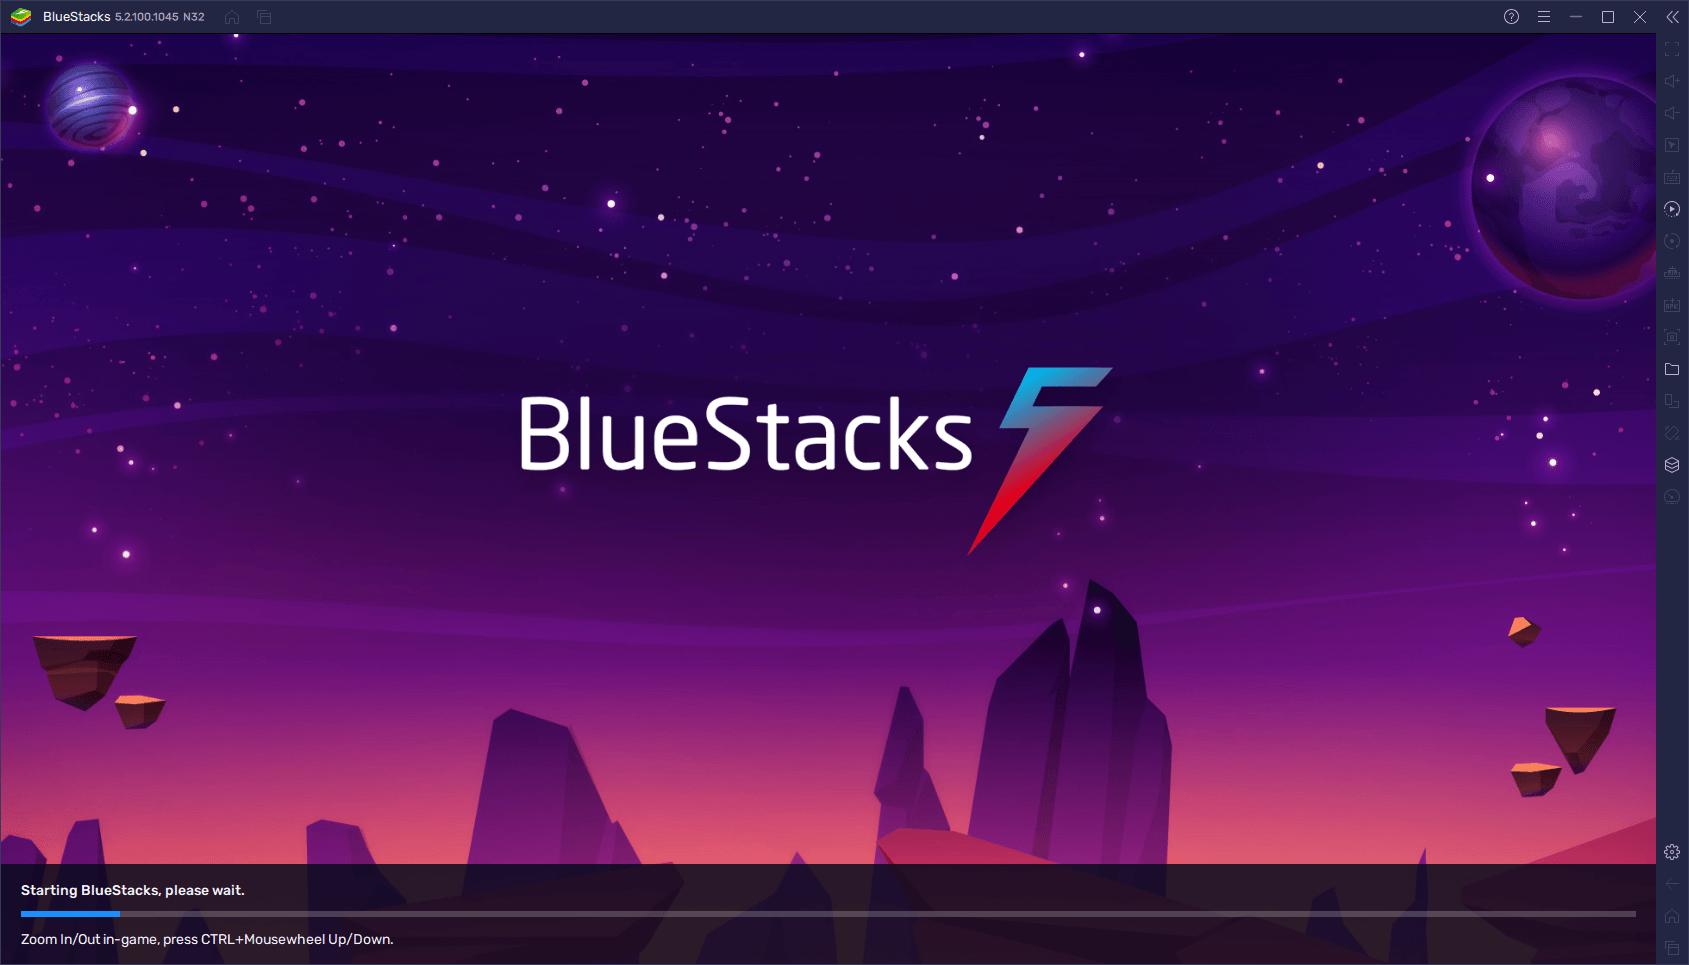 أحدث تحديث لـ BlueStacks يوفر دعم Android 9 جنبًا إلى جنب مع مكتبة ألعاب موسعة